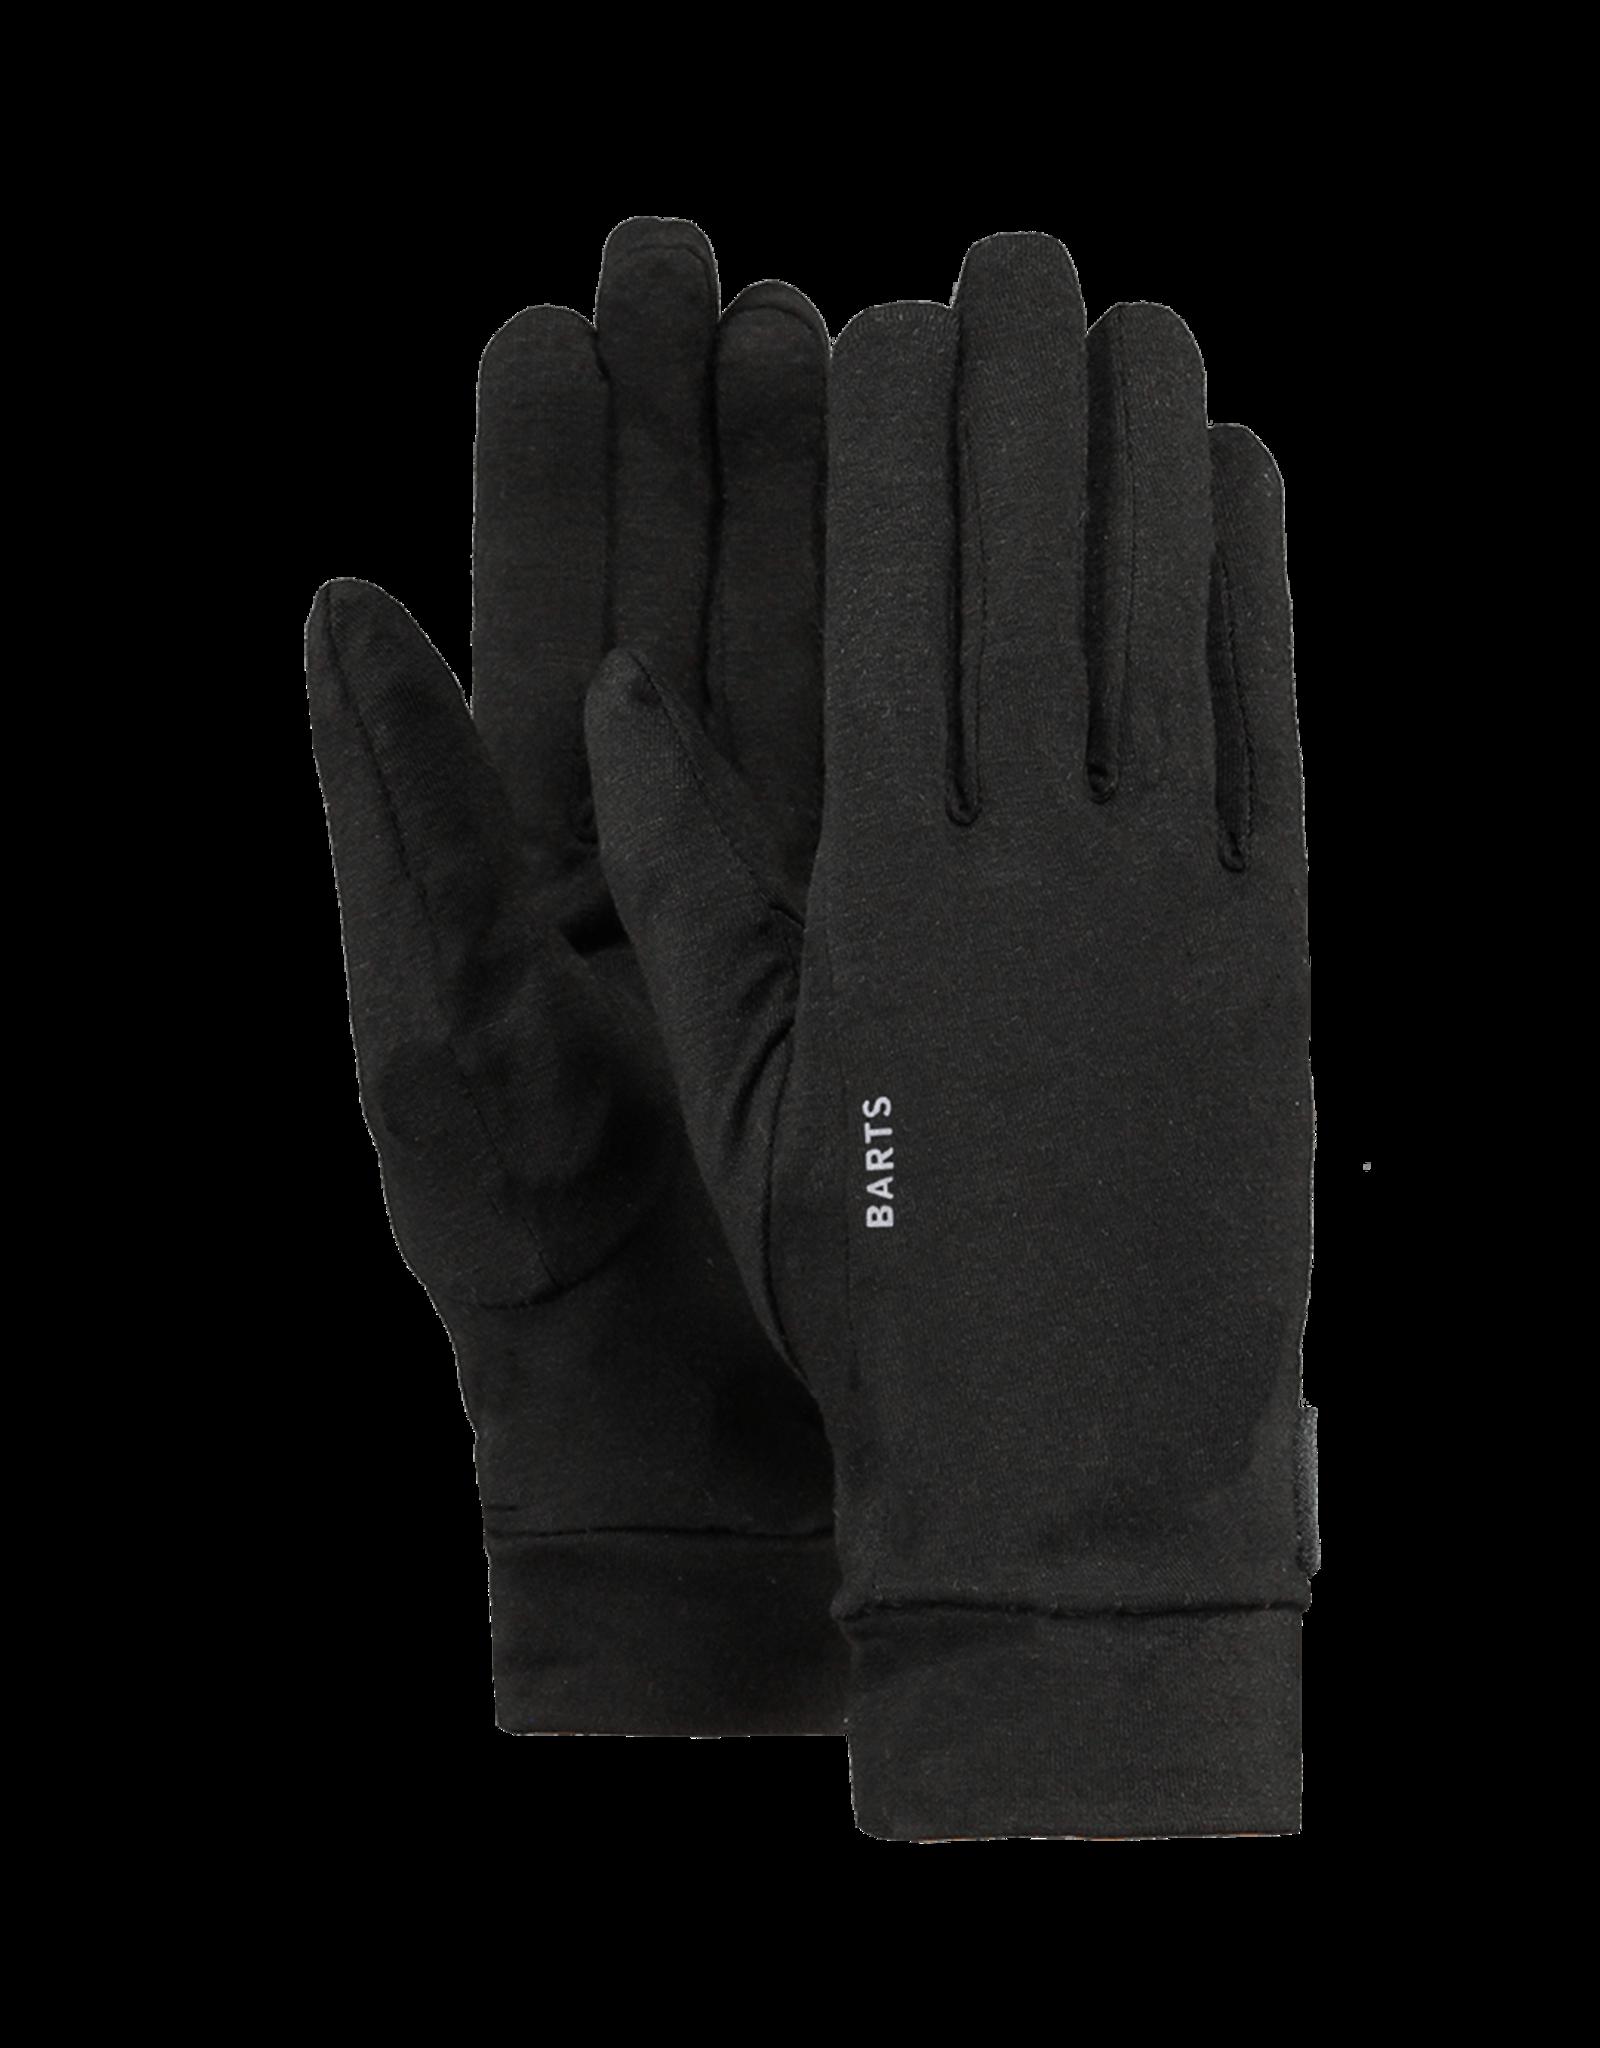 Barts Liner Gloves